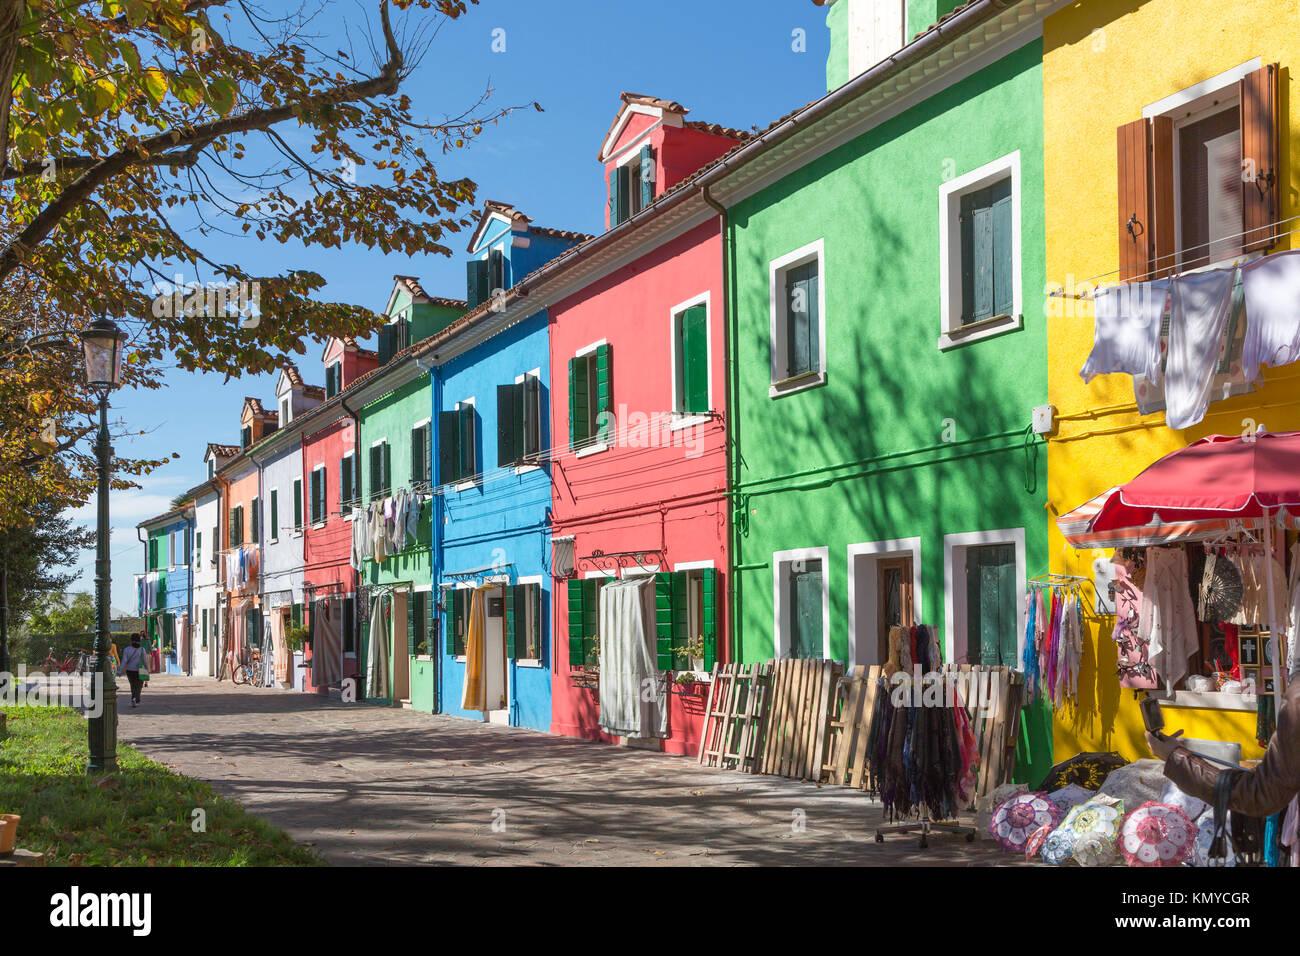 Die farbenfrohen Gebäude, Kanäle und Boote in der Venezianischen vlllage Burano, Venedig, Italien, Europa. Stockfoto